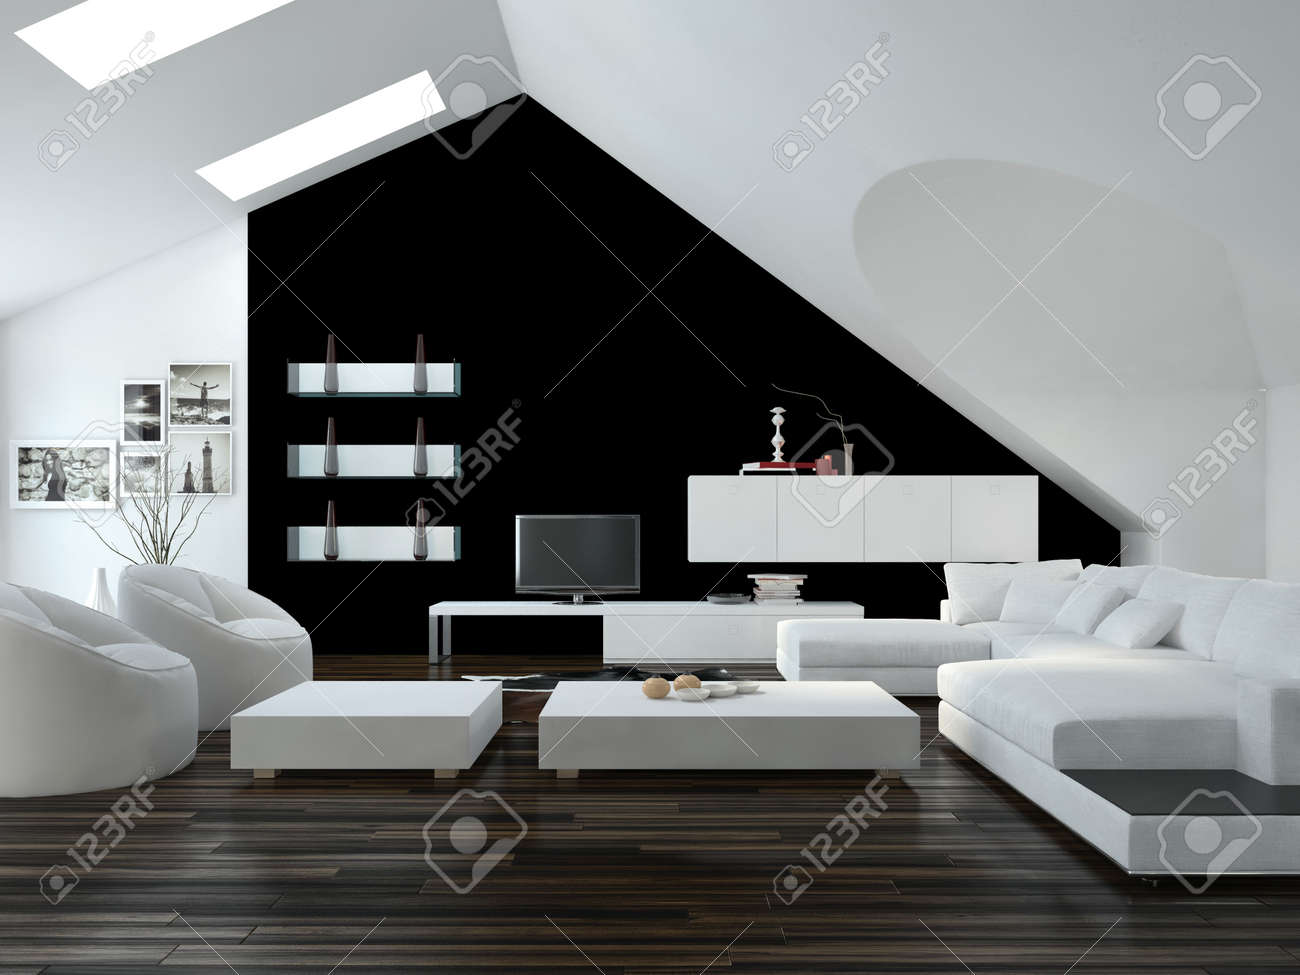 Modernes design loft wohnzimmer innenraum mit oberlichtern in der ...